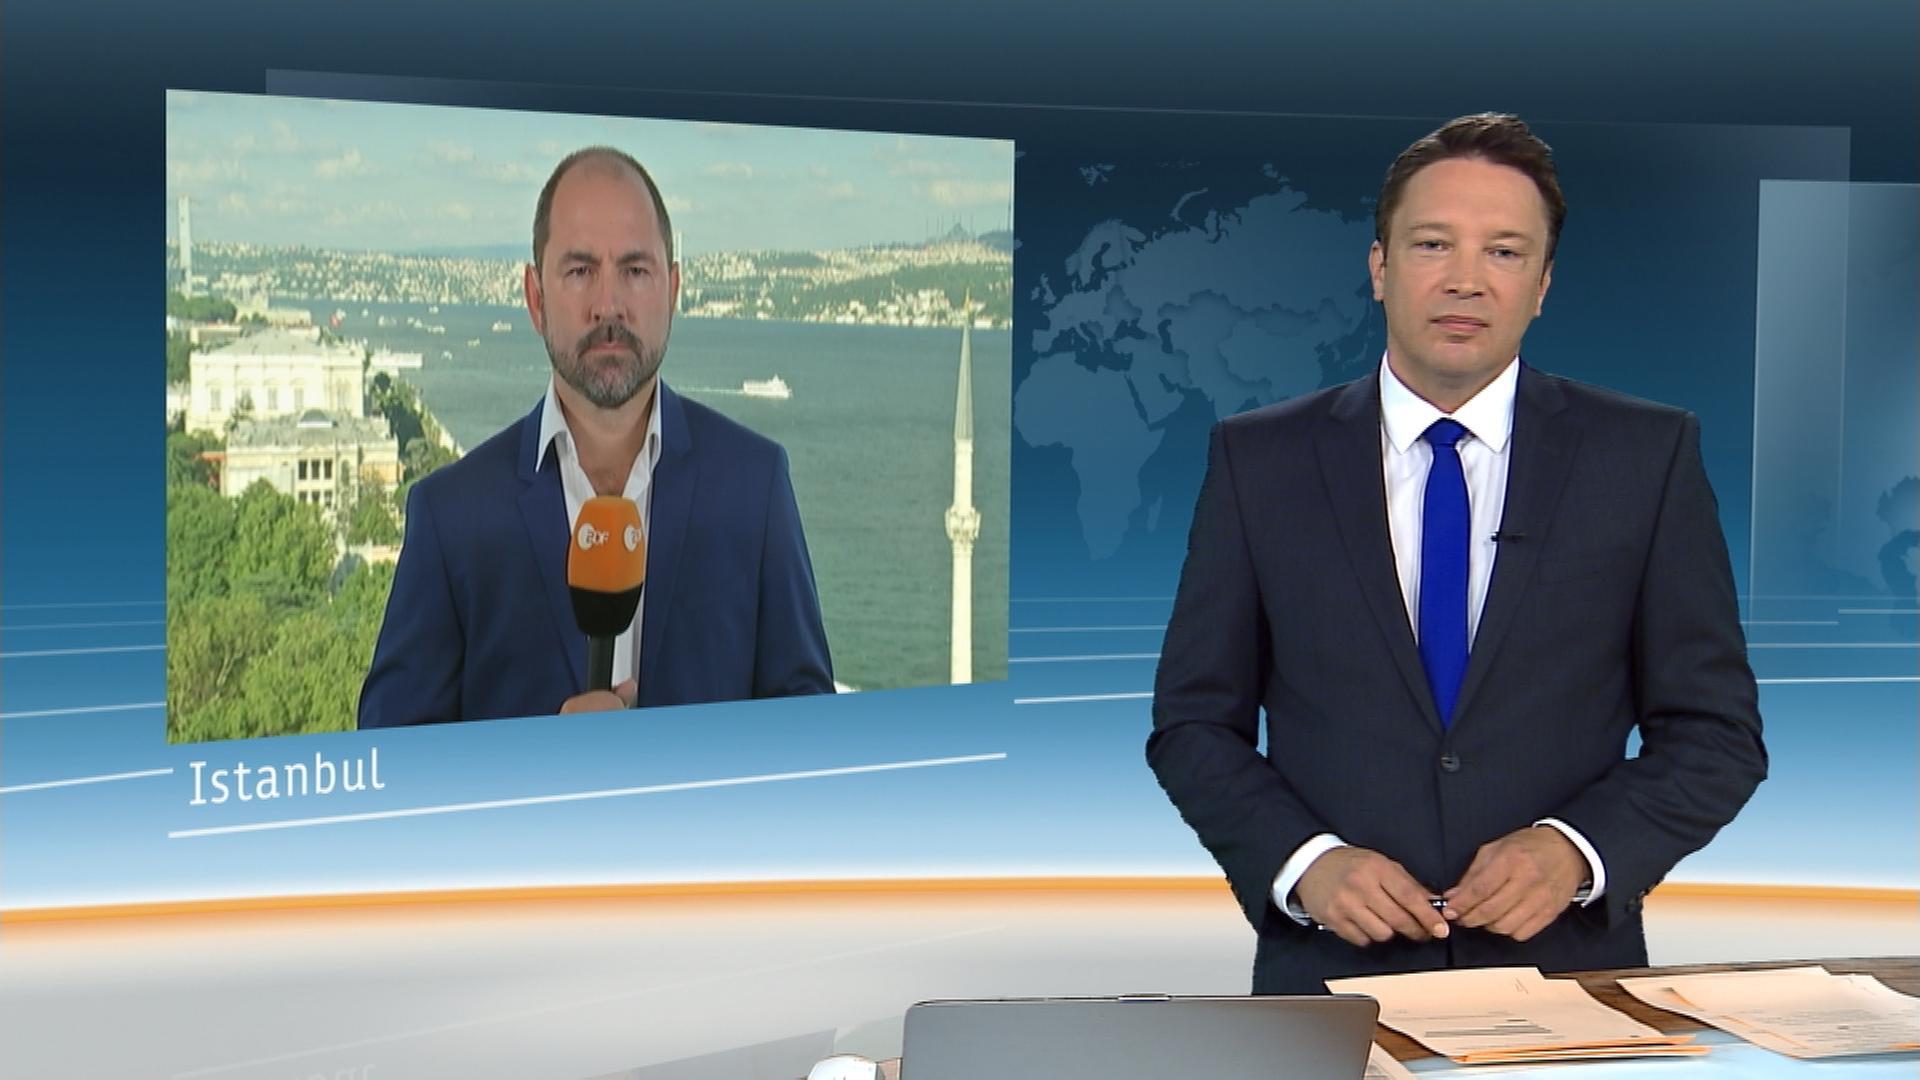 Schön Küchenschlacht Zdf De Ideen - Heimat Ideen ...